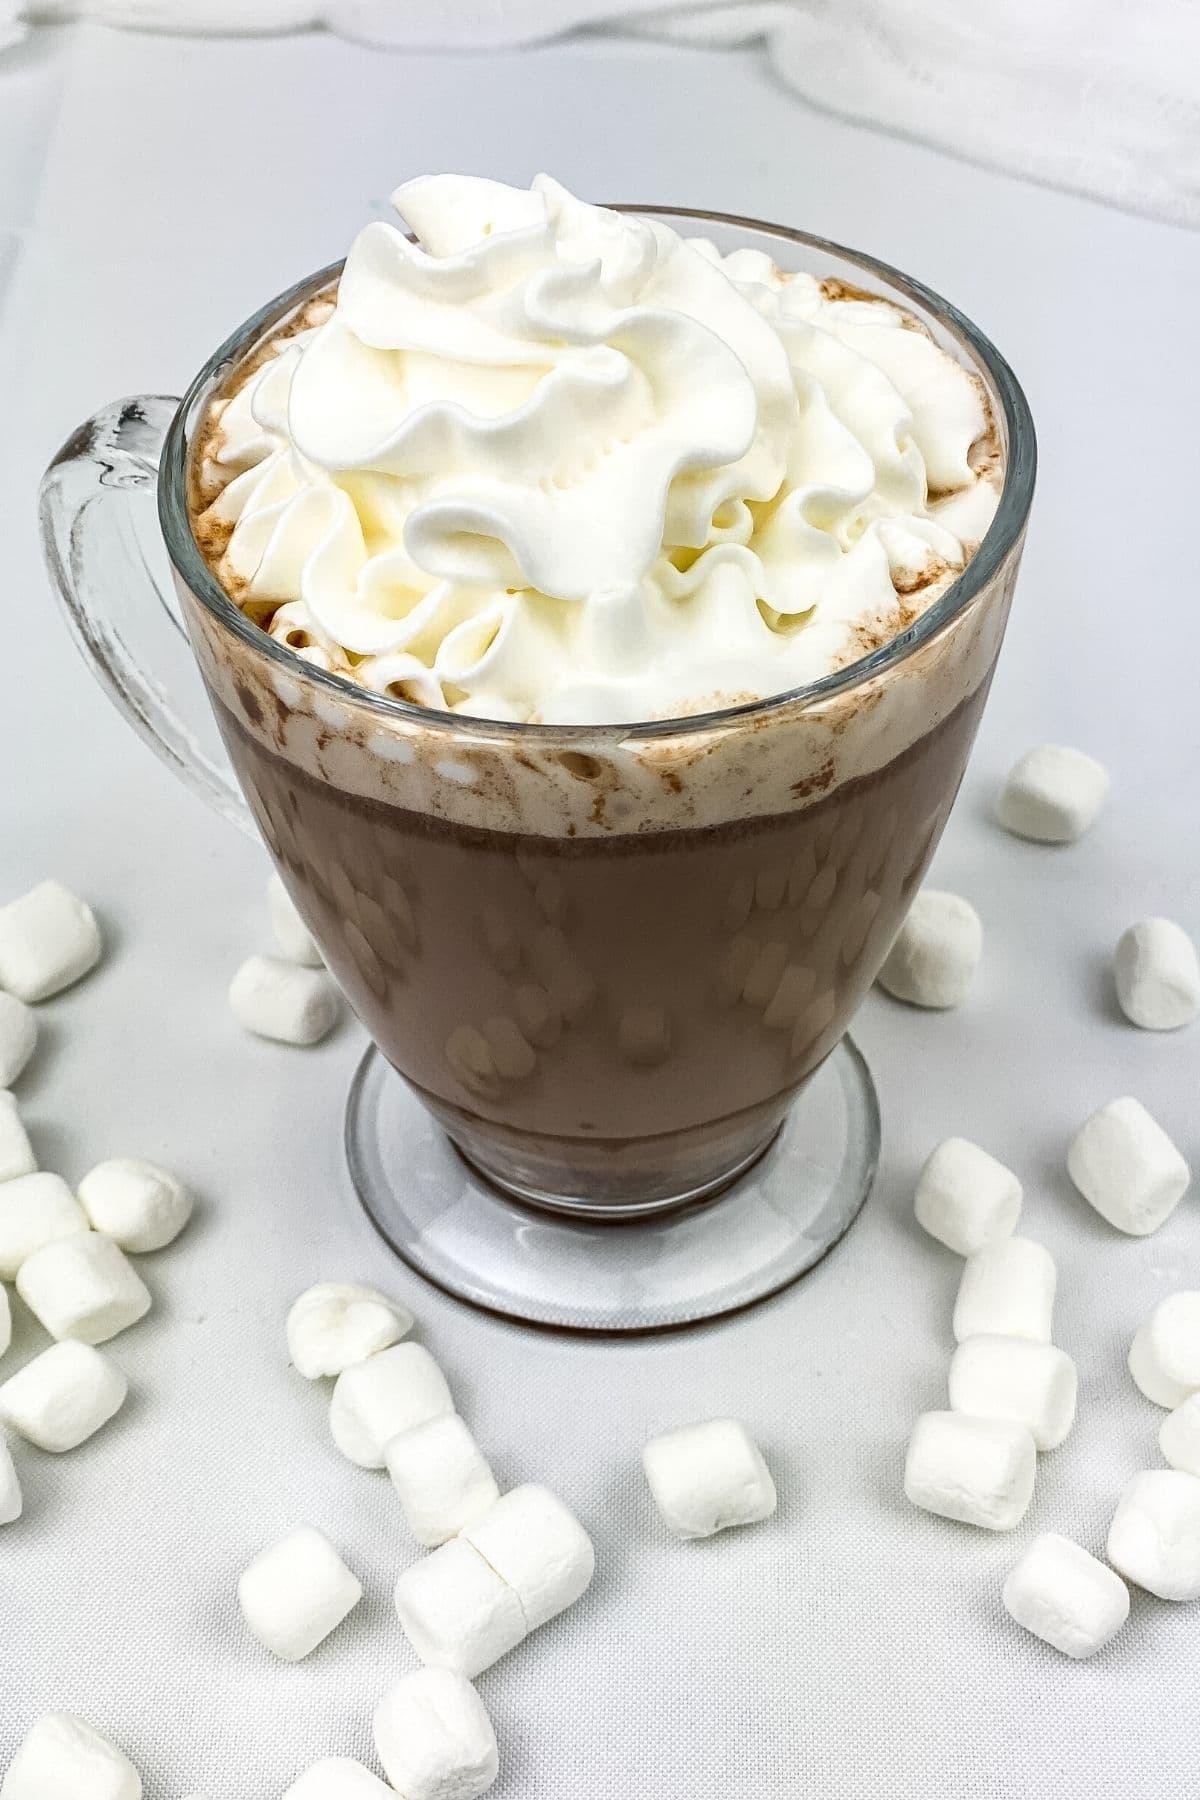 Glass mug of hot cocoa